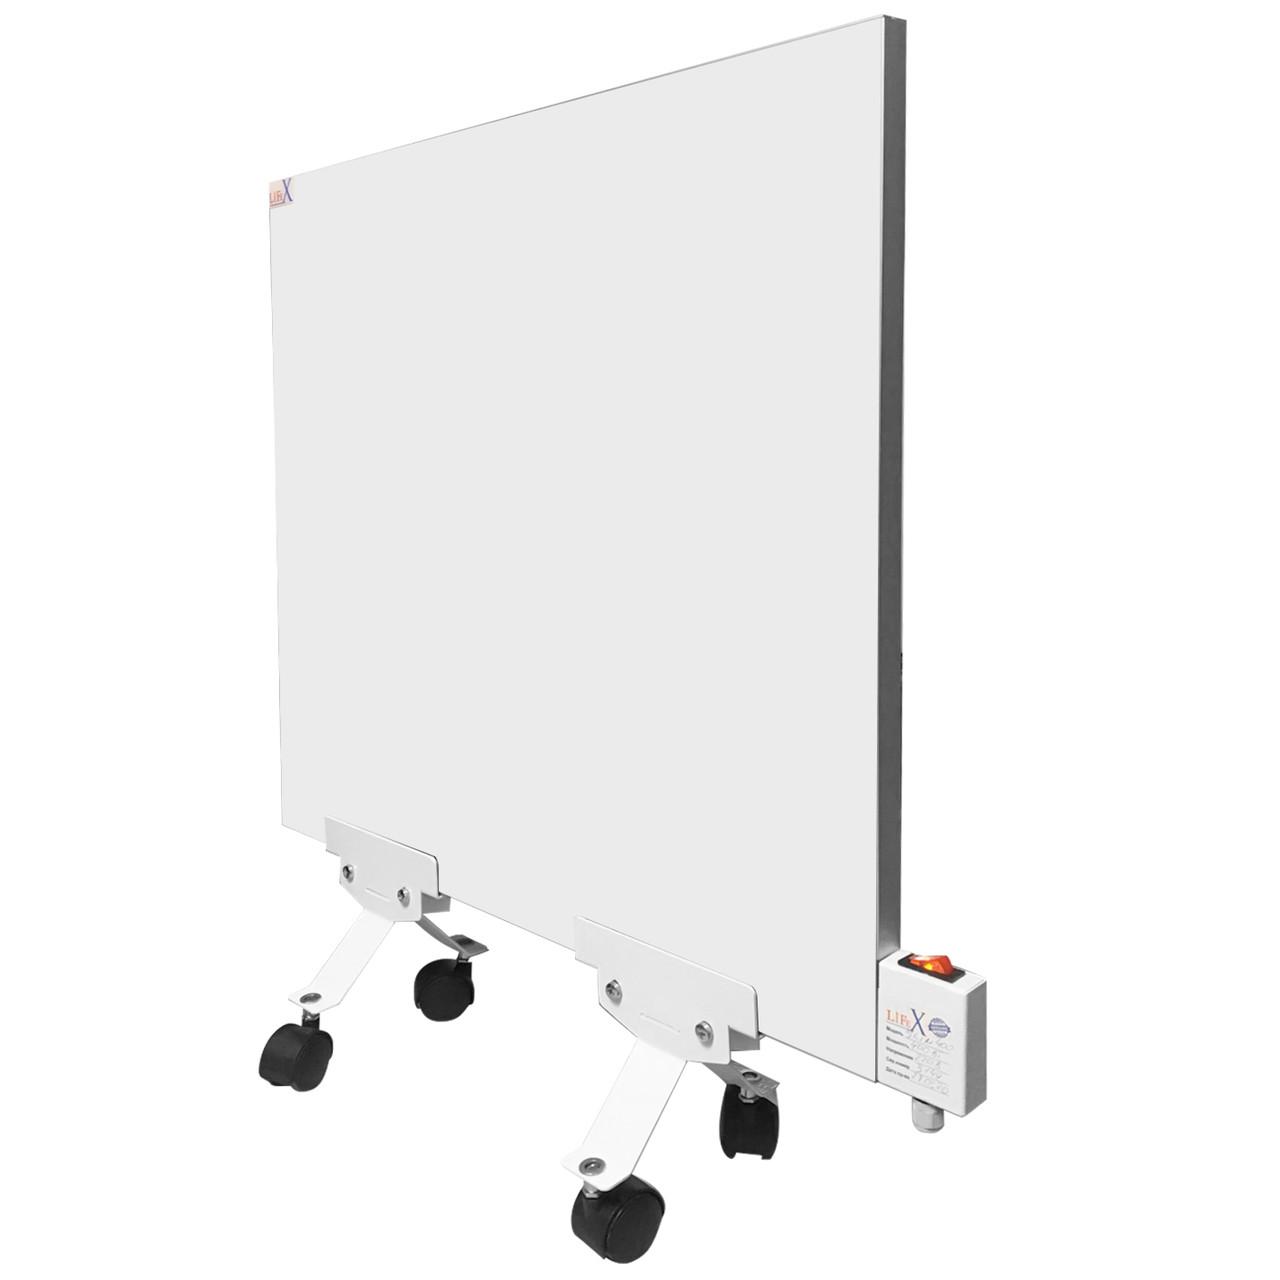 Напольная керамическая панель LIFEX Slim 400 (белая)